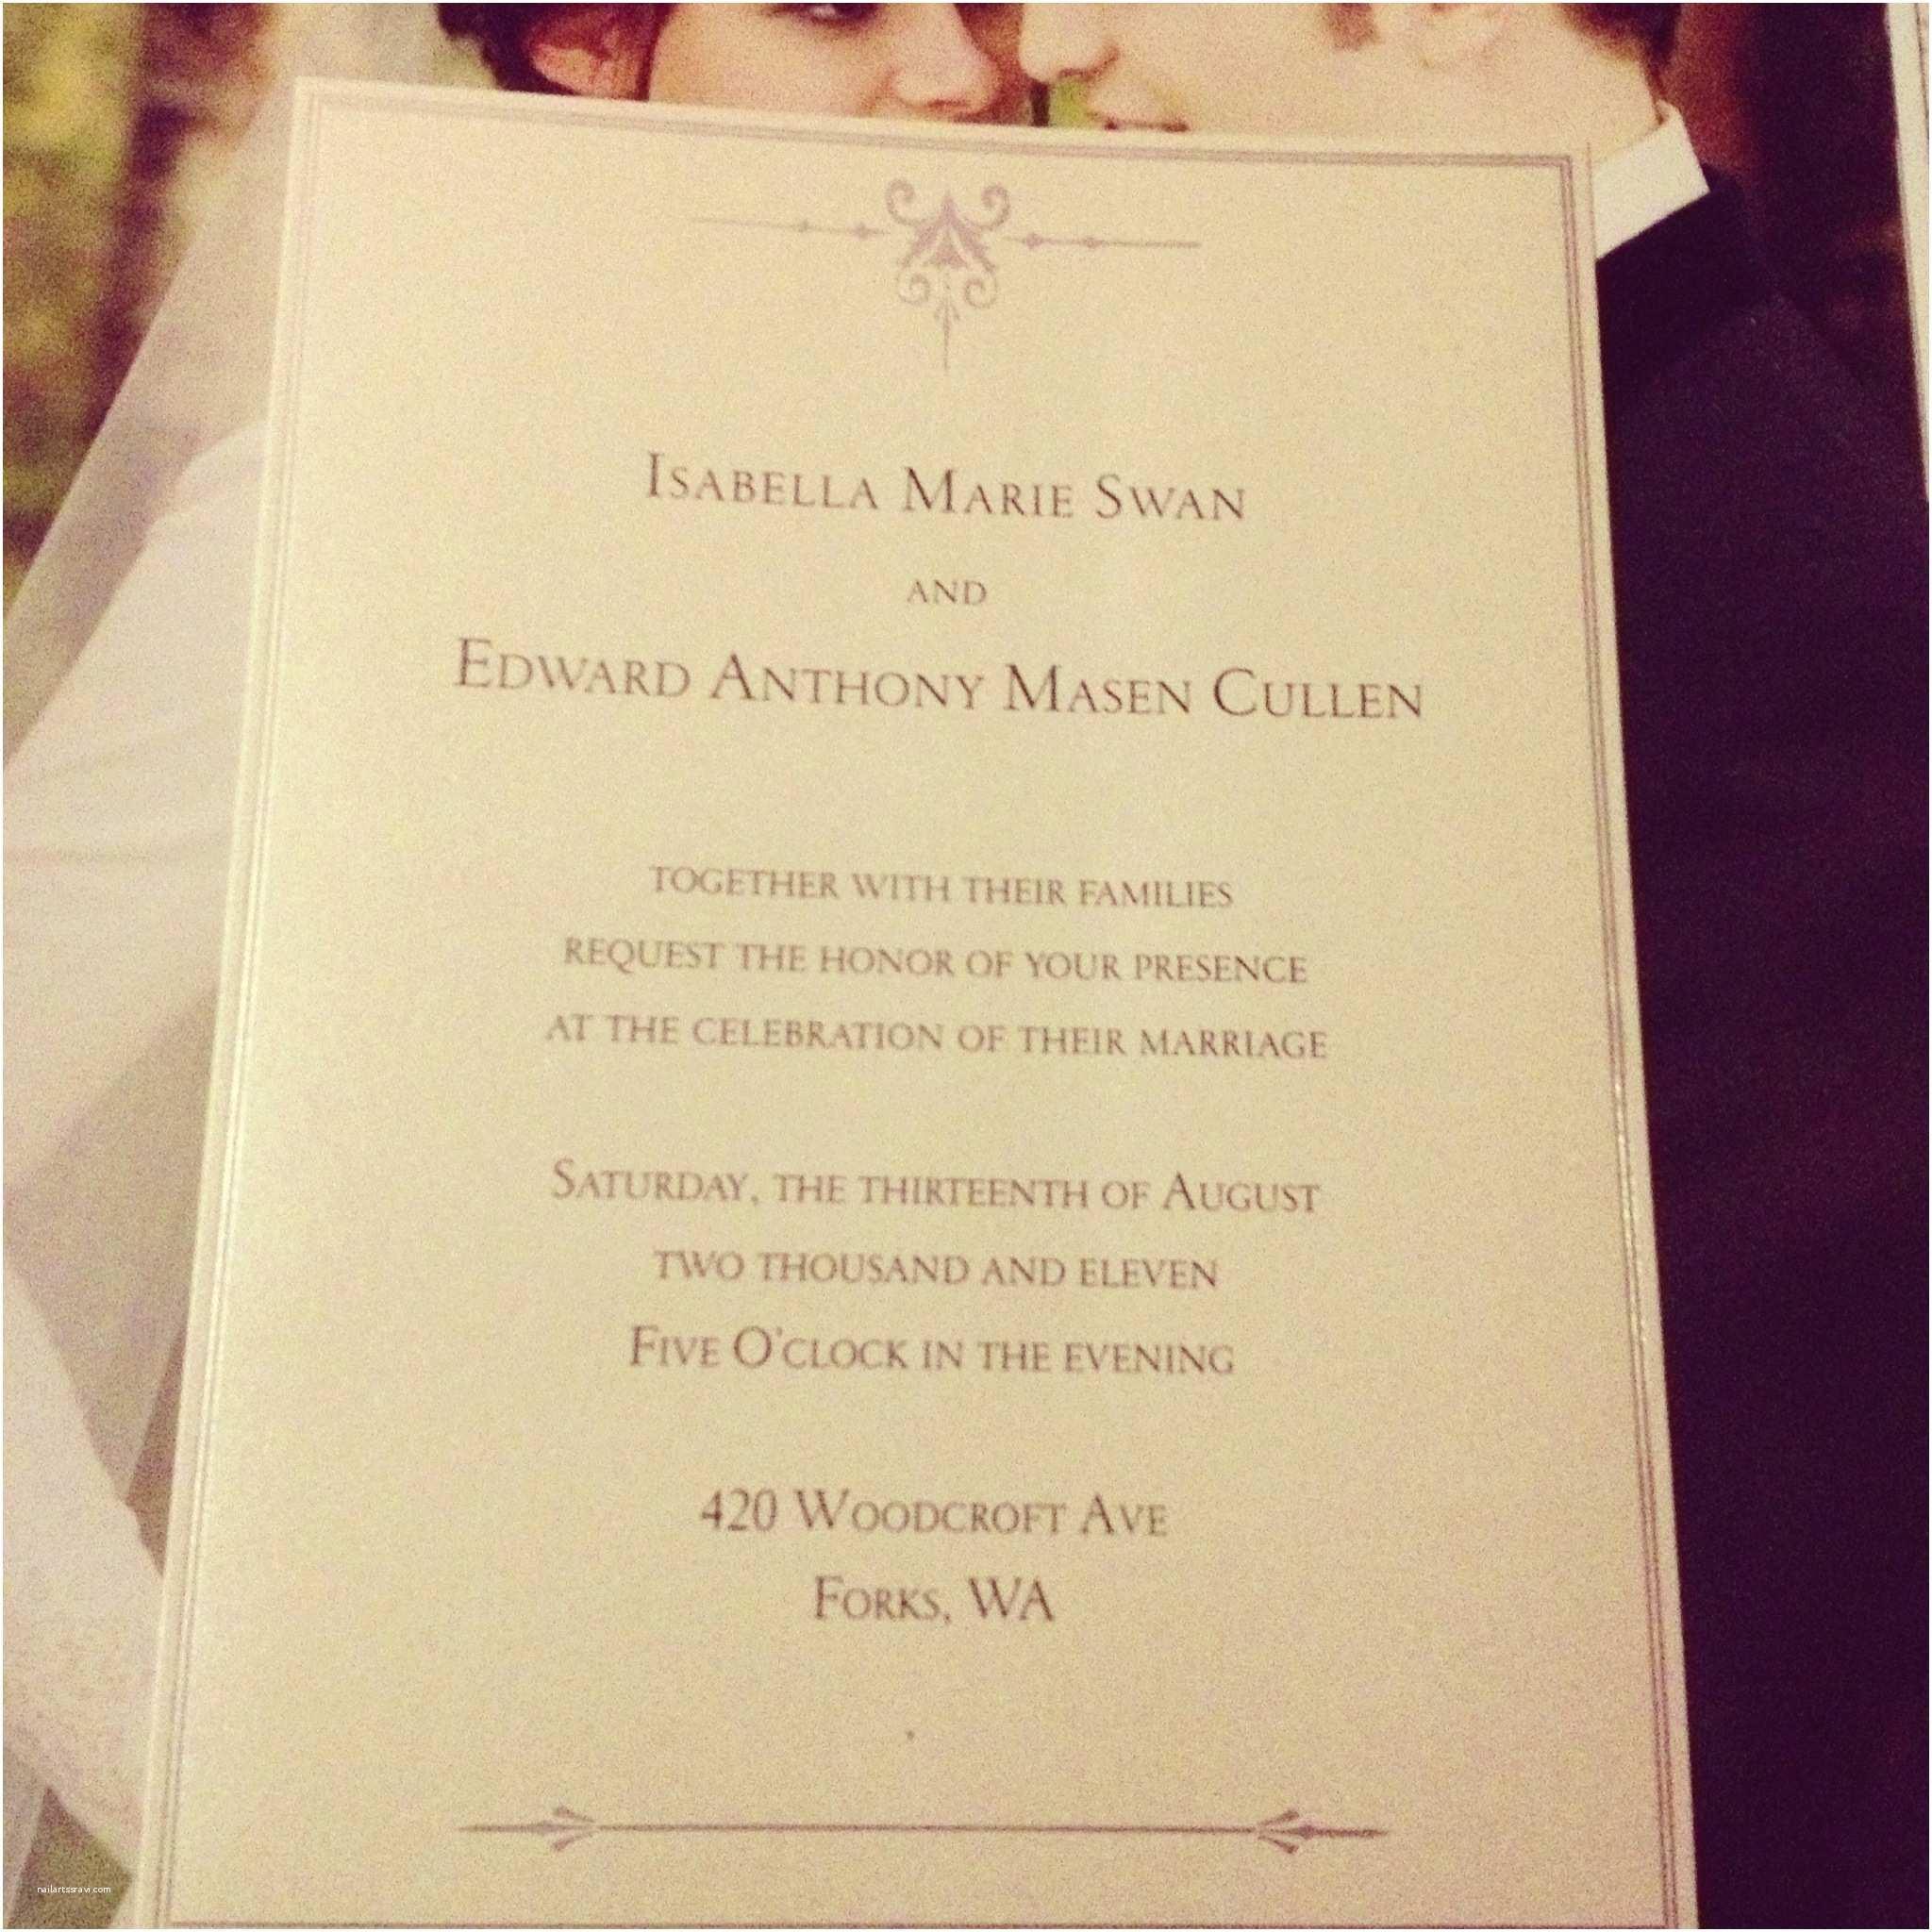 Twilight Wedding Invitation Wedding Invitation From the Twilight Saga Plete Fil